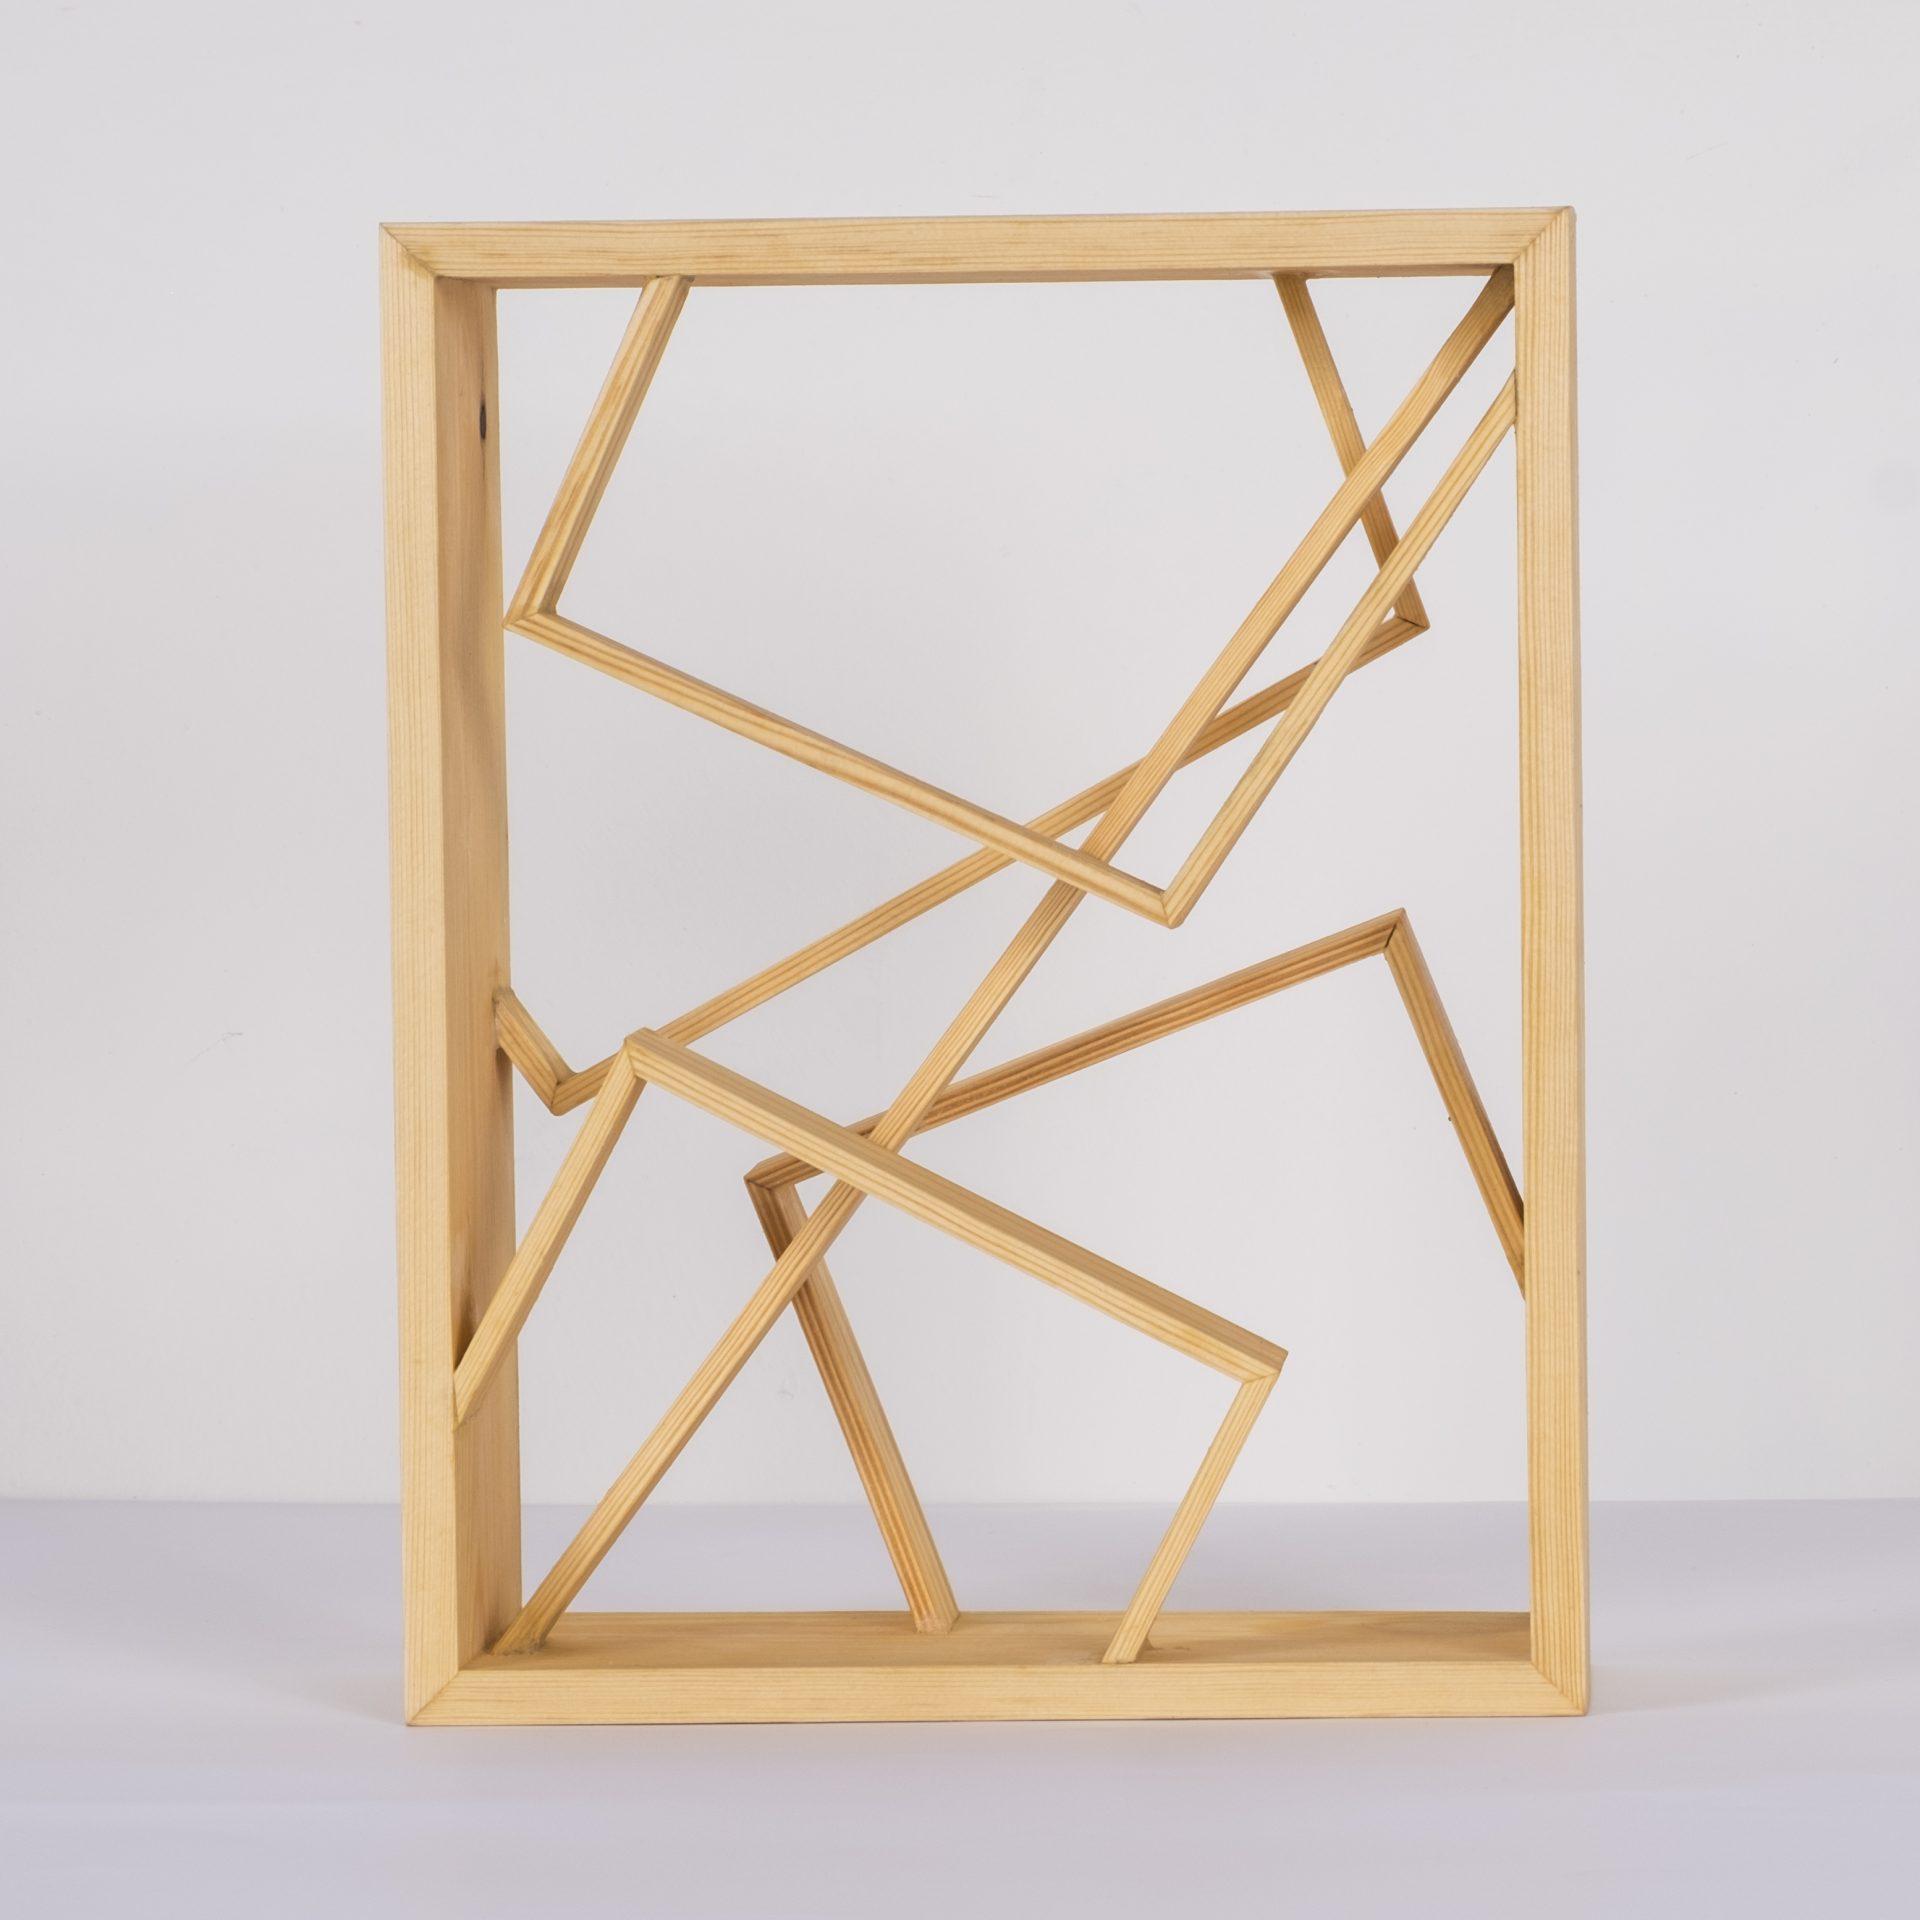 Unlimited in Dynamo<br>RMR32<br>misure: circa 28 x 22 cm<br>tecnica: legno pino <br>anno: 2018<br><br>DISPONIBILE